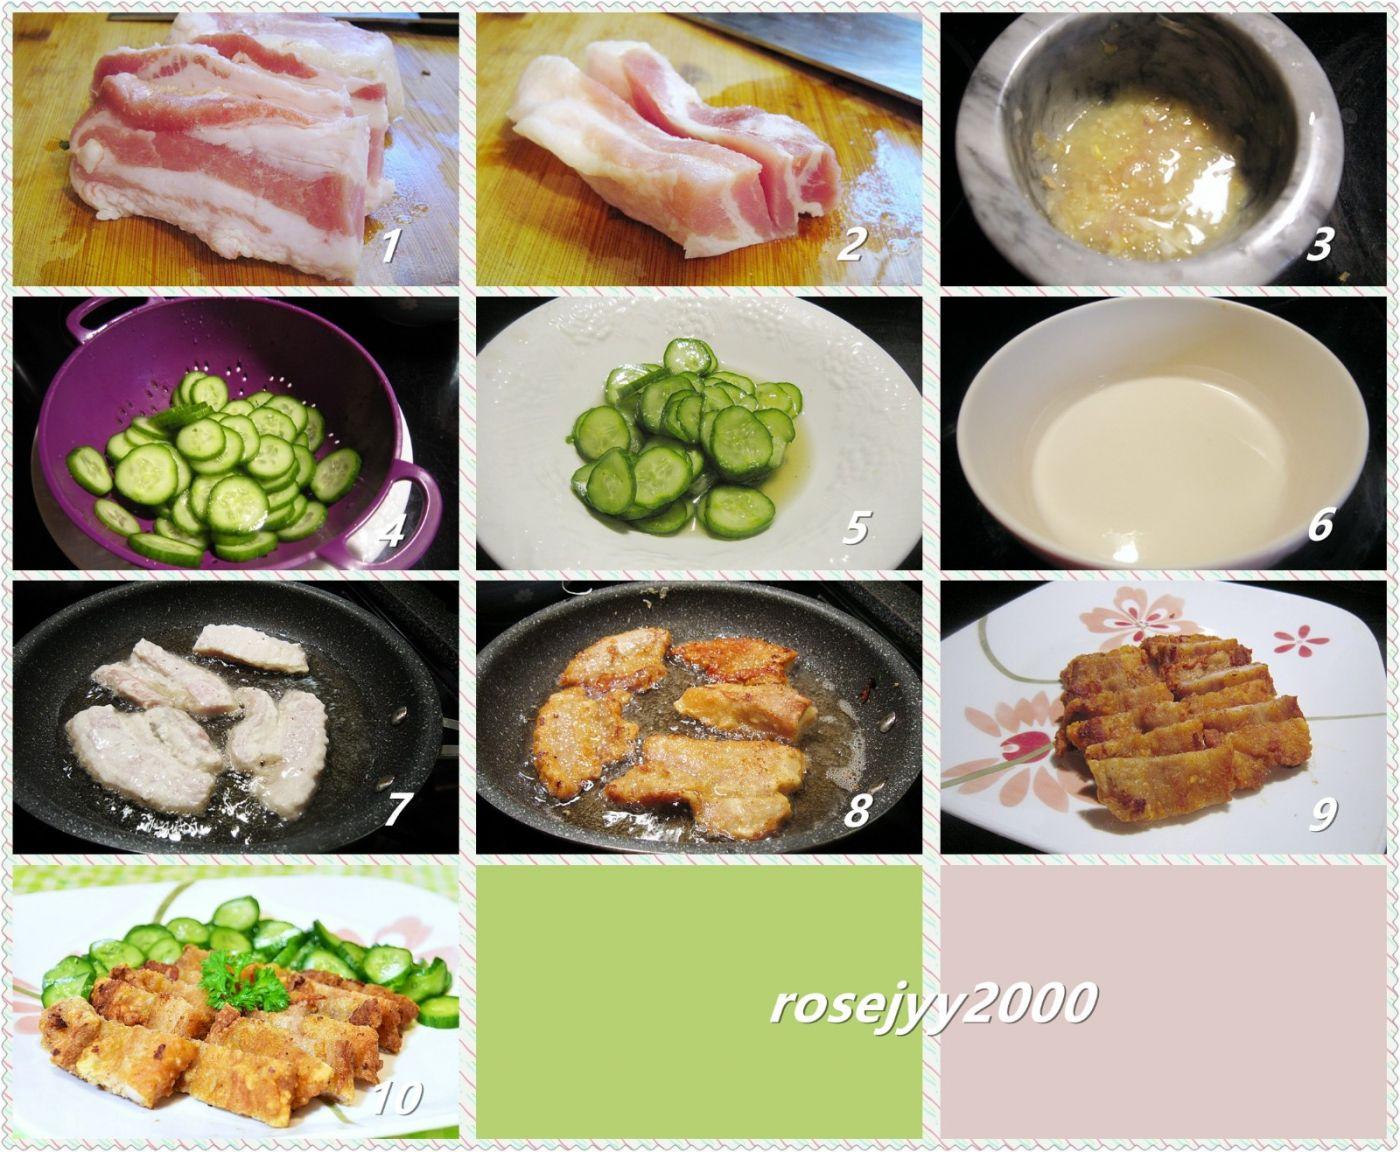 五香小酥肉_图1-2